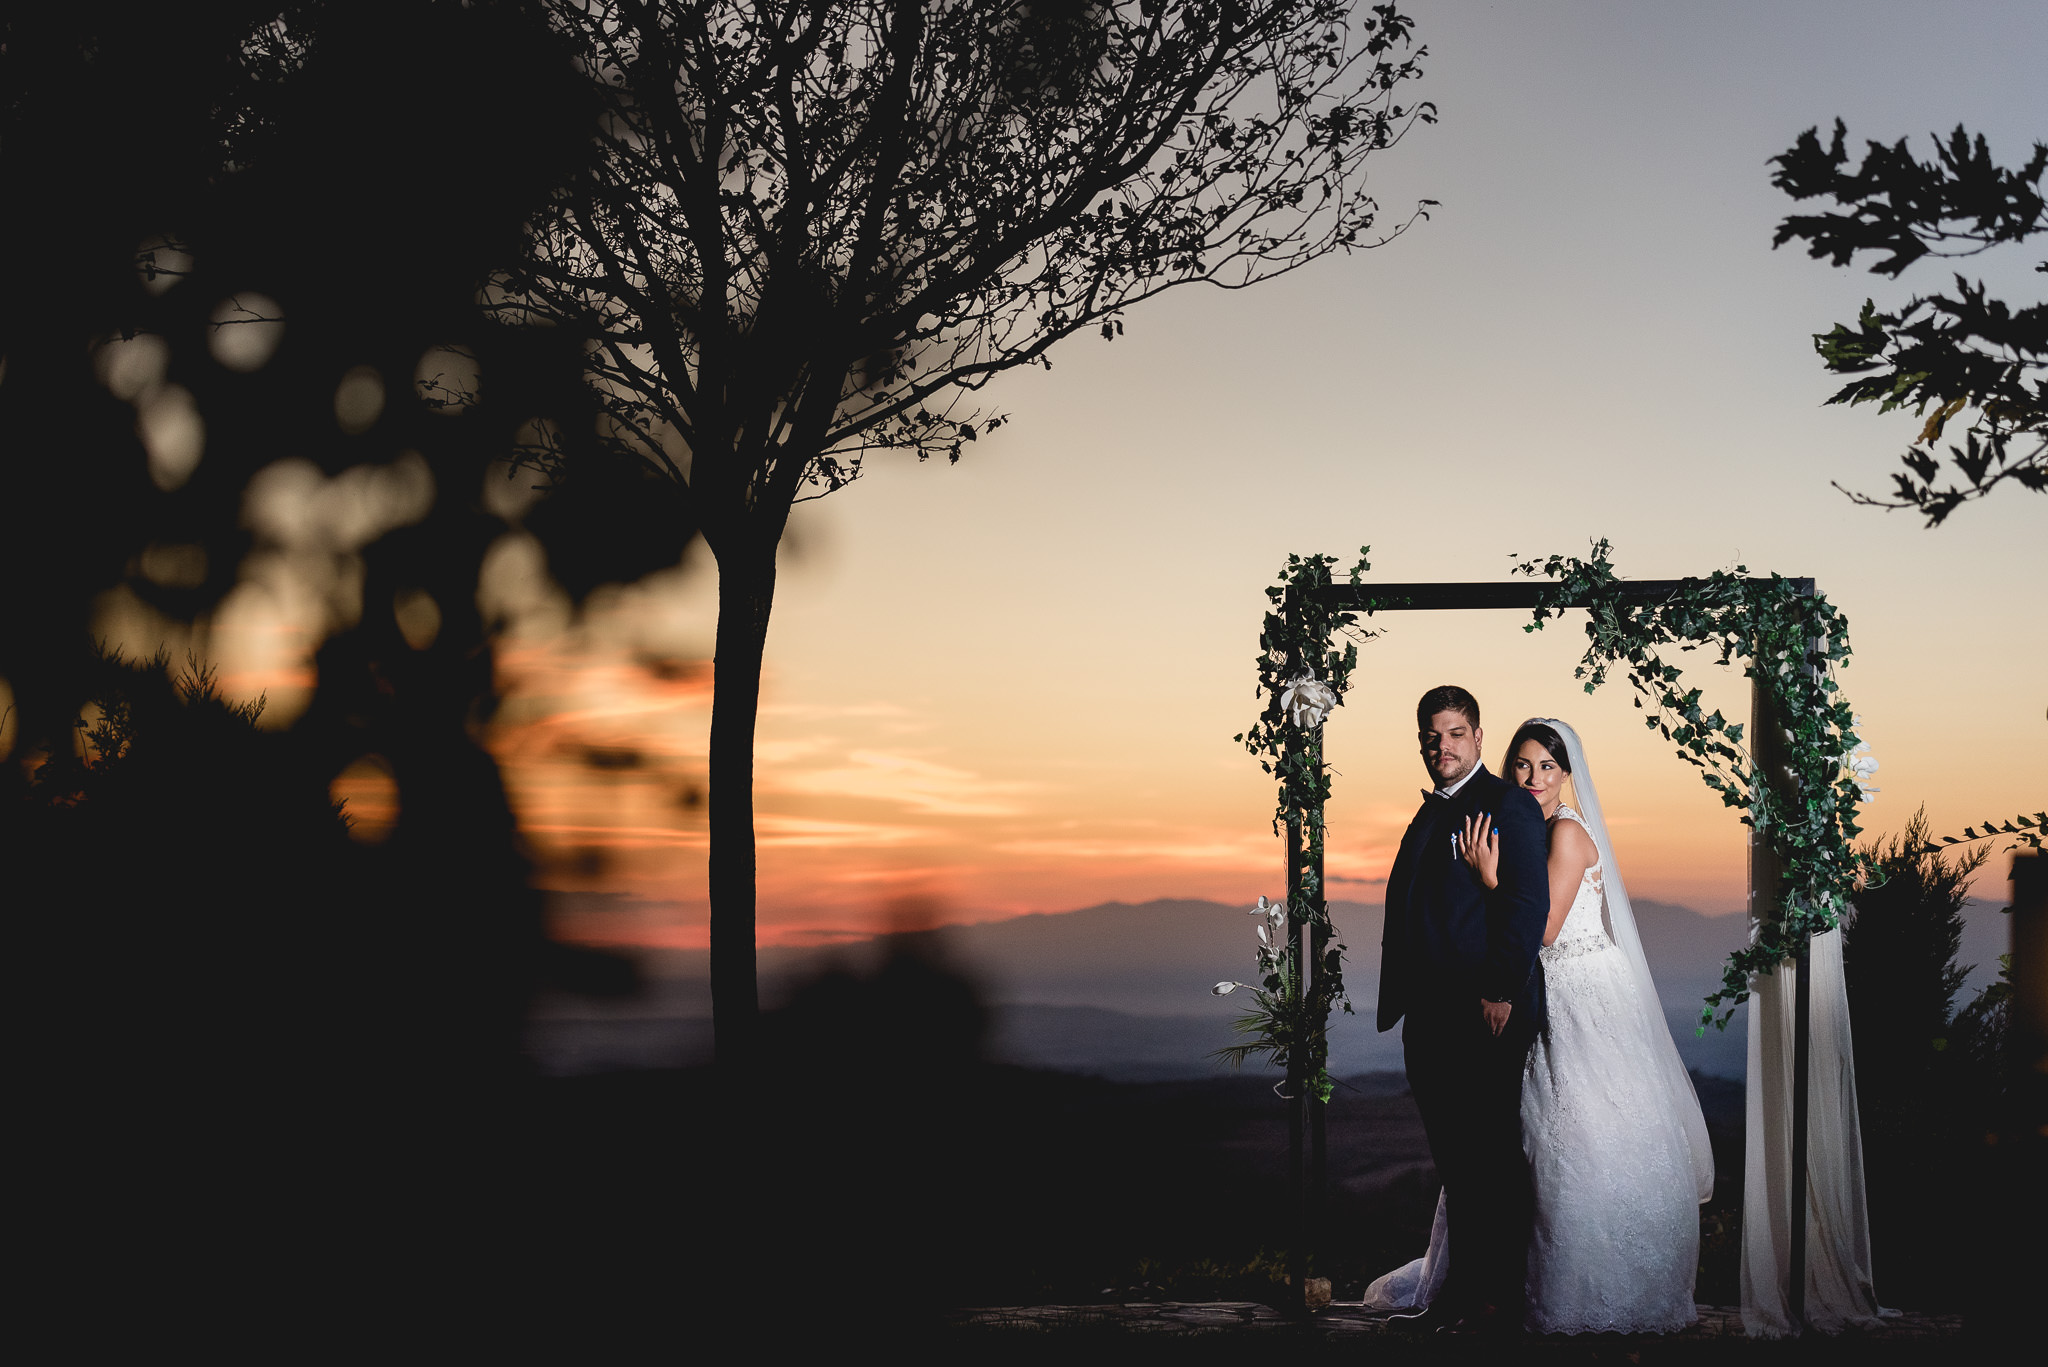 Γάμος στο κτήμα λίκνο Σερρών,Χάρης Αβραμίδης,Φωτογράφος Γάμου Θεσσαλονίκη,Φωτογραφος γάμου Γιαννιτσά